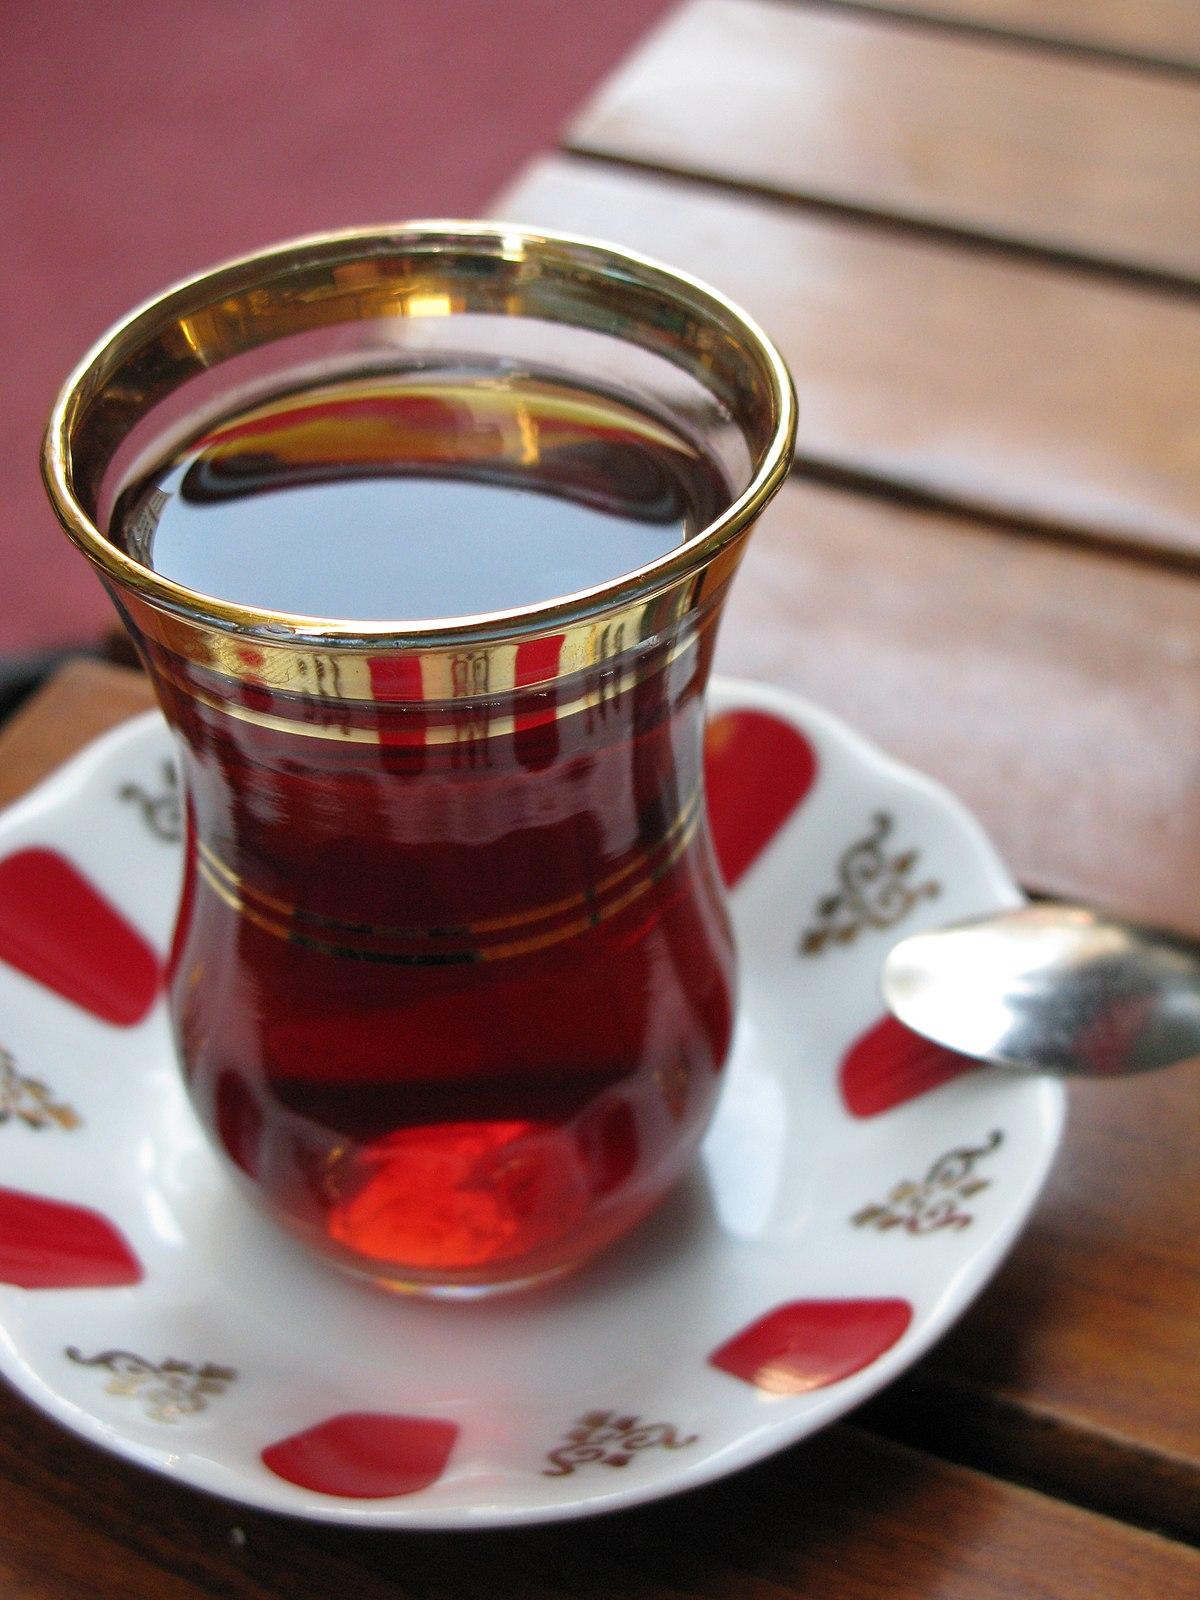 Tea in Turkey - Wikipe...